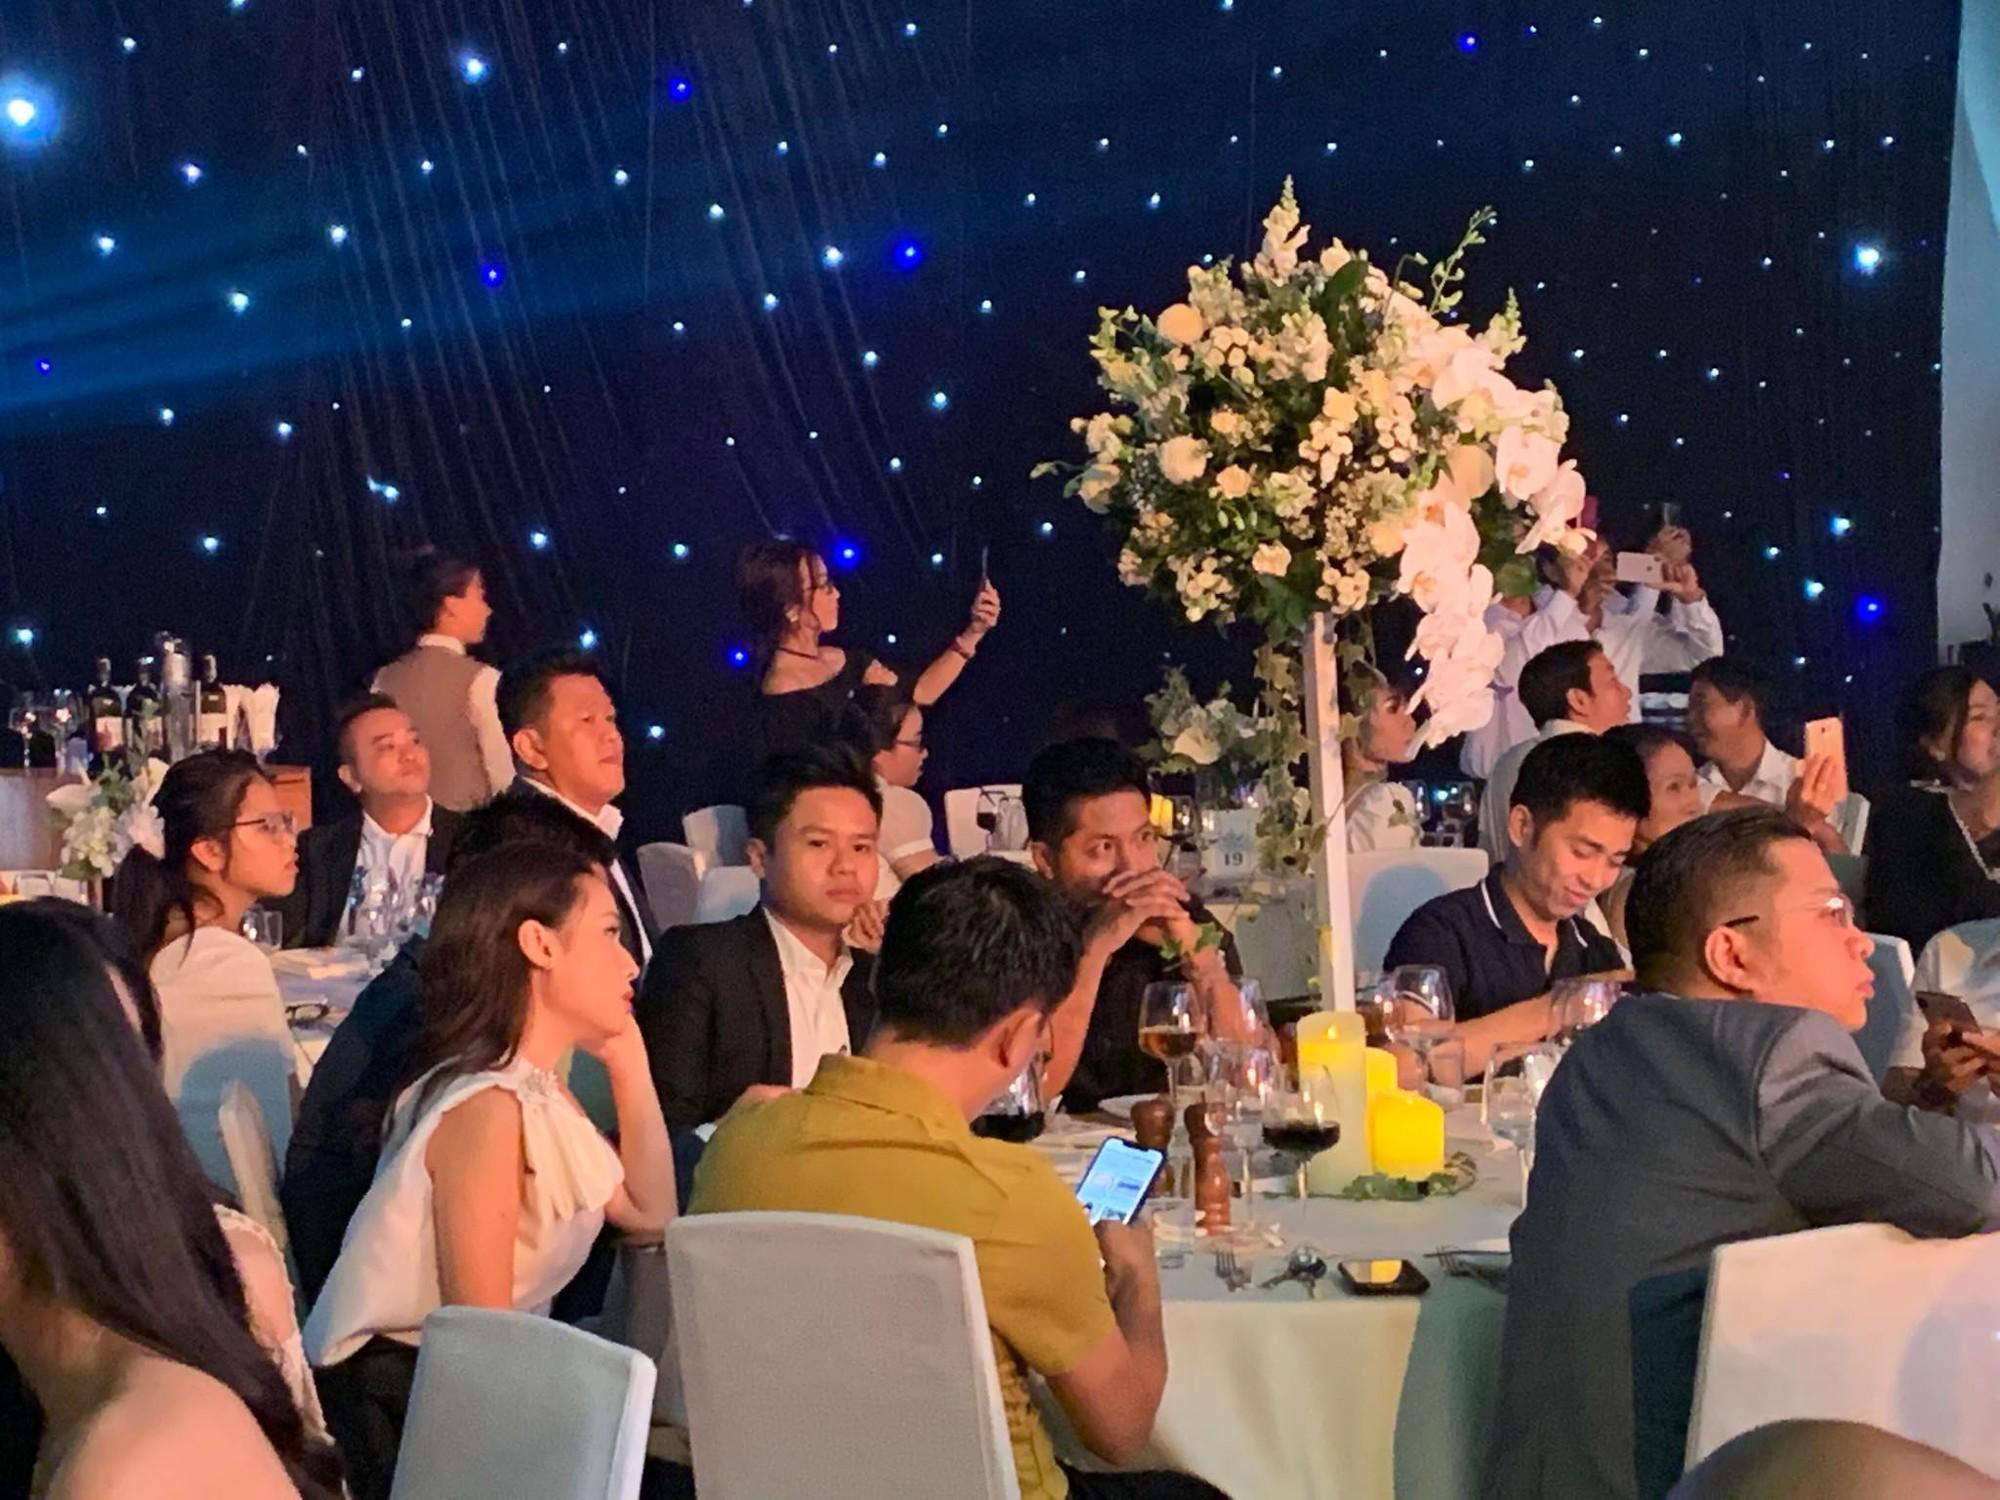 Dàn khách mời cực khủng với Trấn Thành làm MC, đại gia Phan Thành, Ưng Hoàng Phúc,... đều đến chúc mừng ái nữ Minh Nhựa - Hình 5